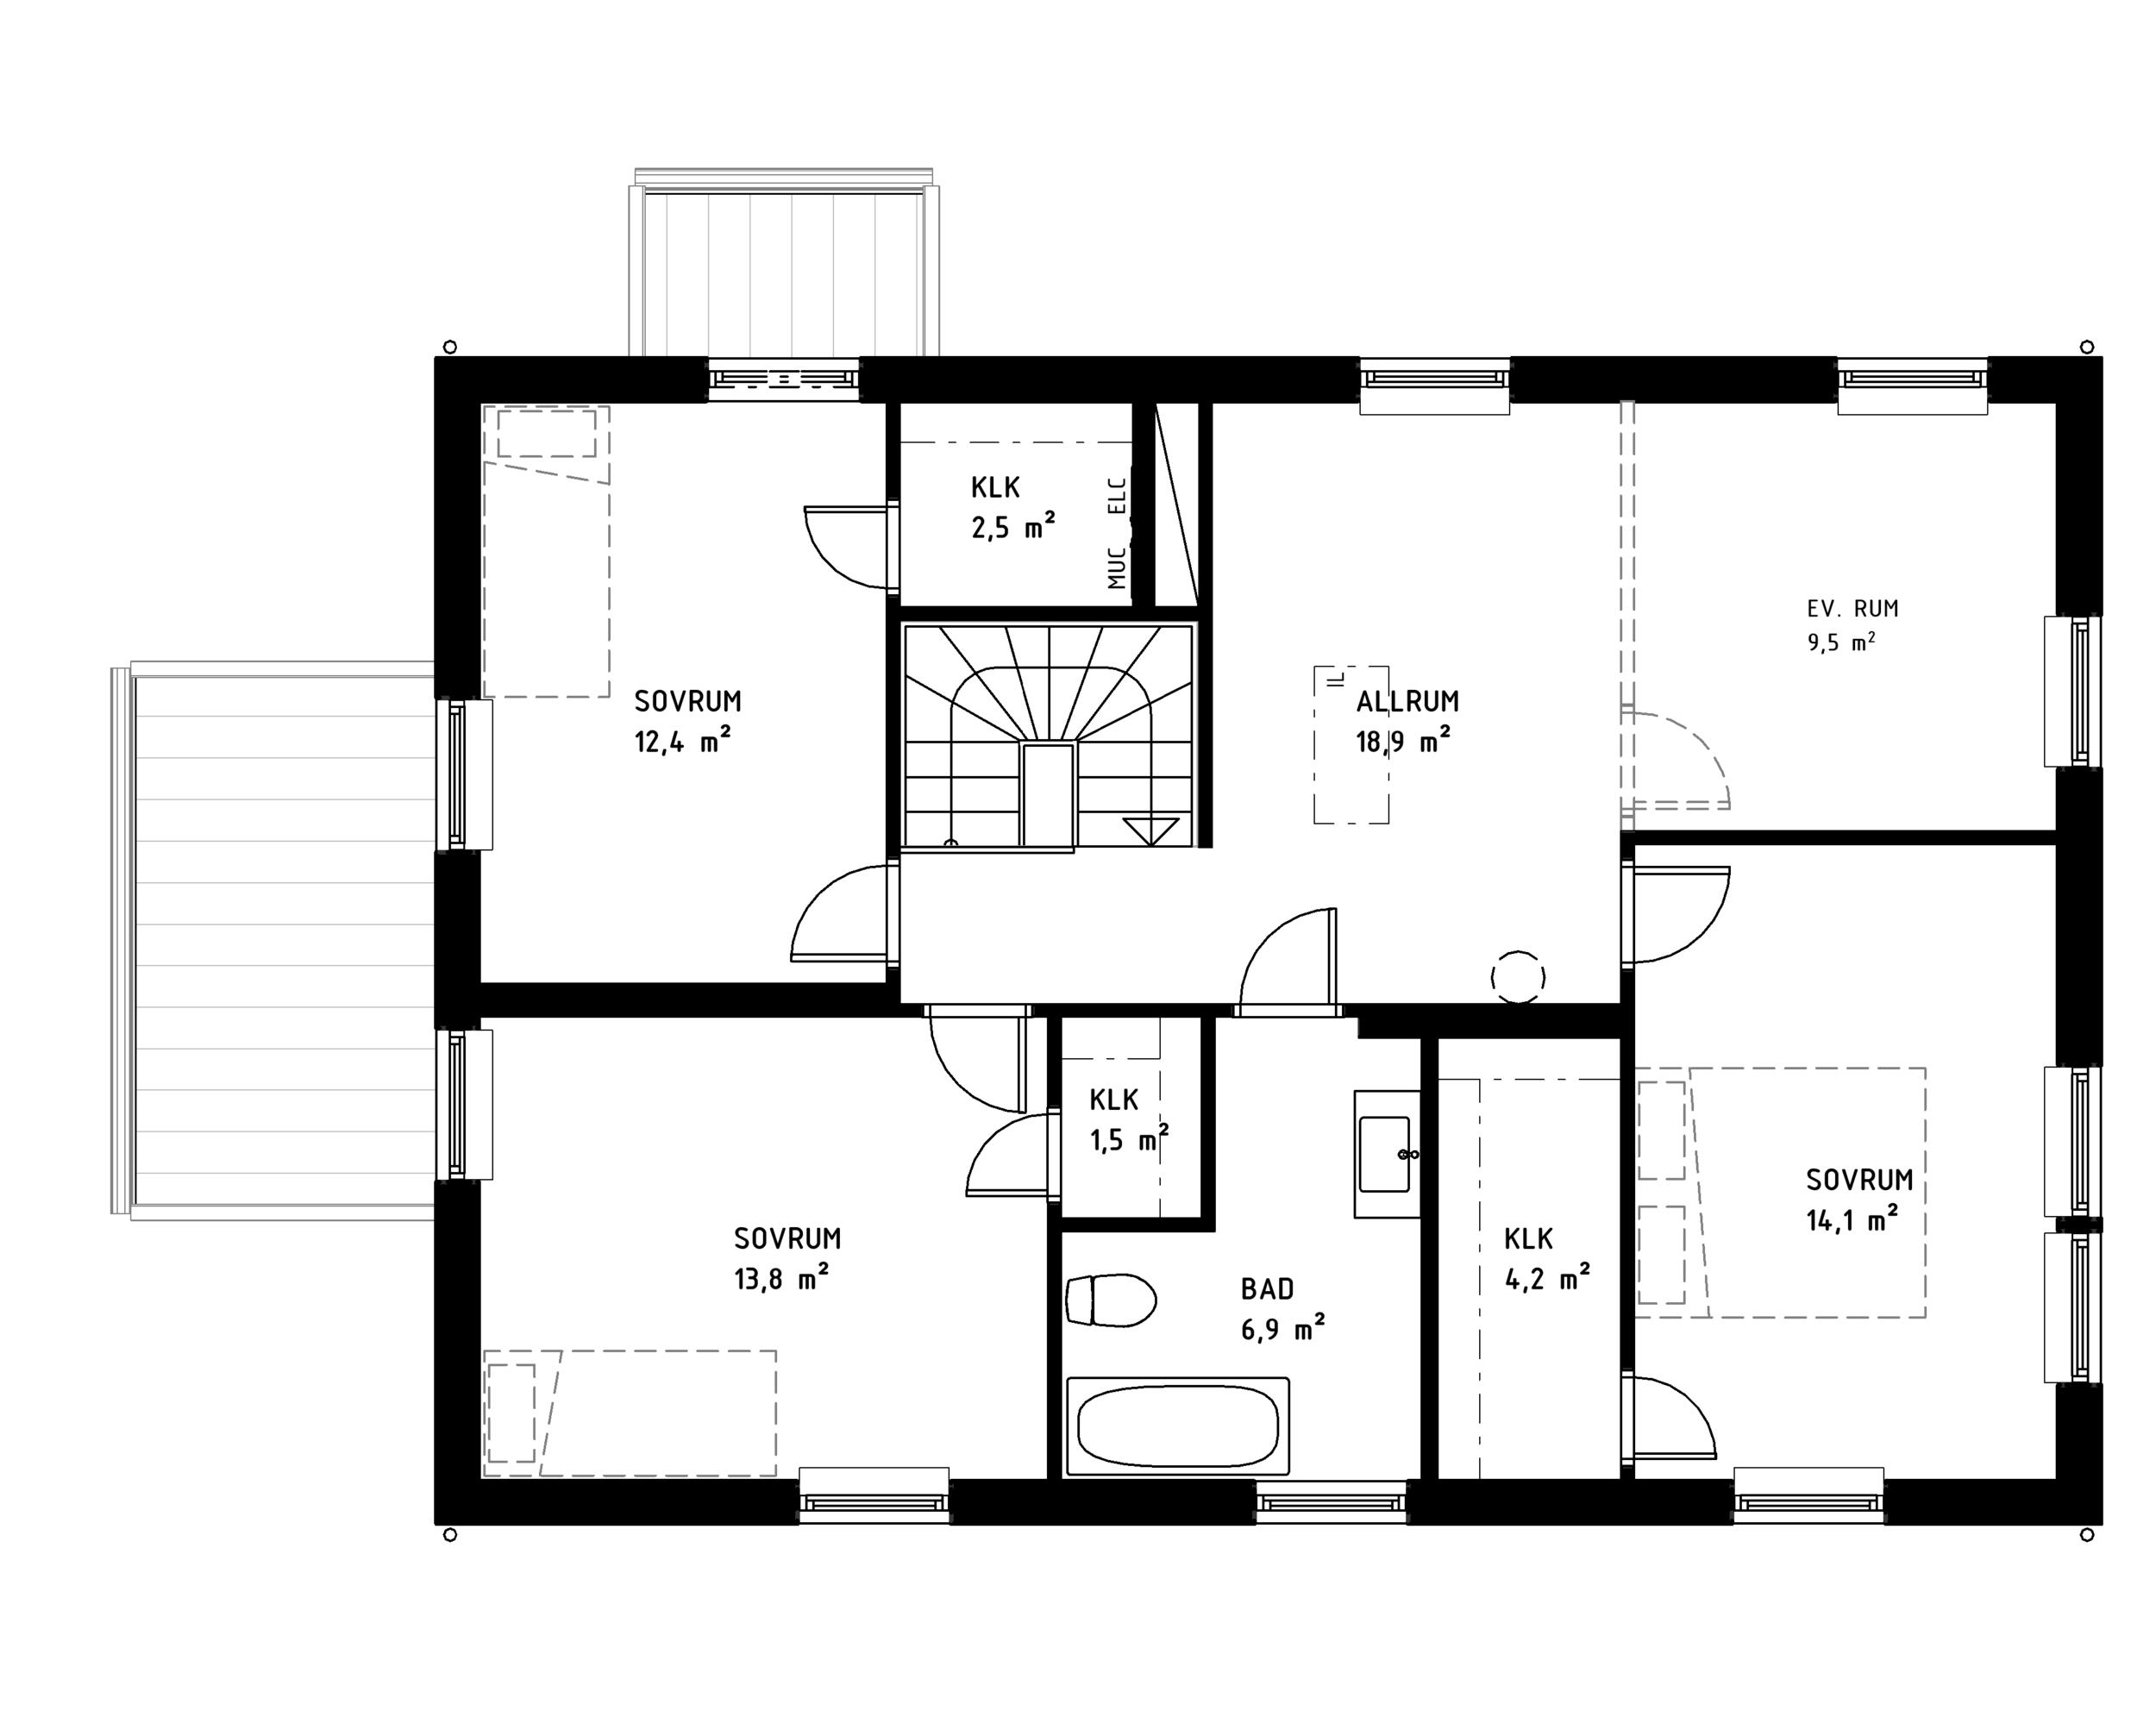 5.1.314 Anneberg plan 190819-ovreplan.png